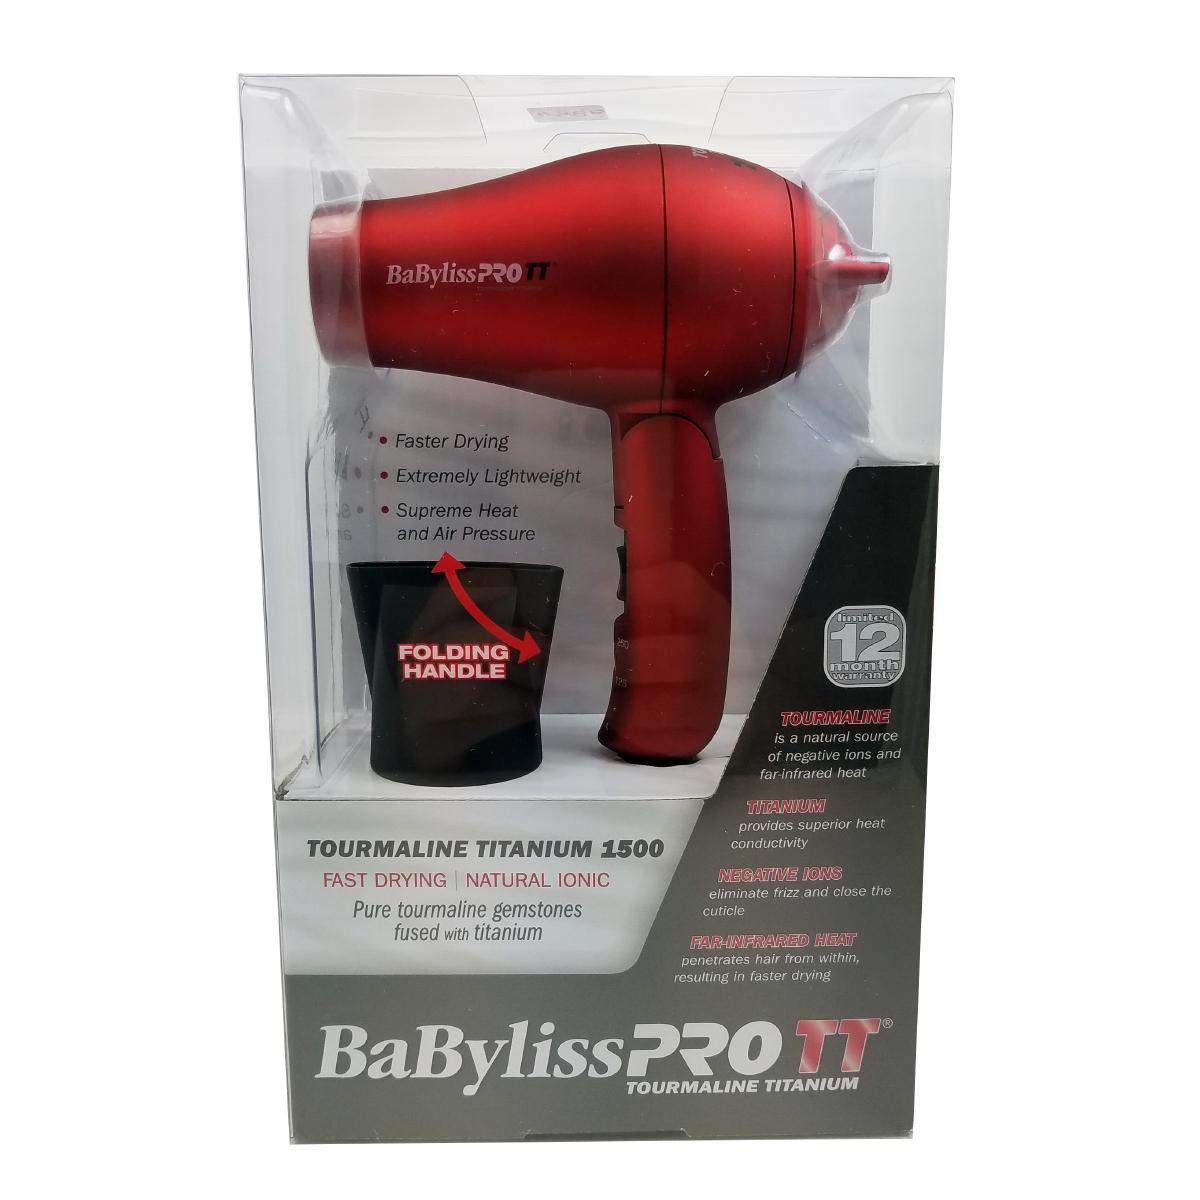 BaByliss®PRO TT Tourmaline Titanium Red Hair Dryer  1500